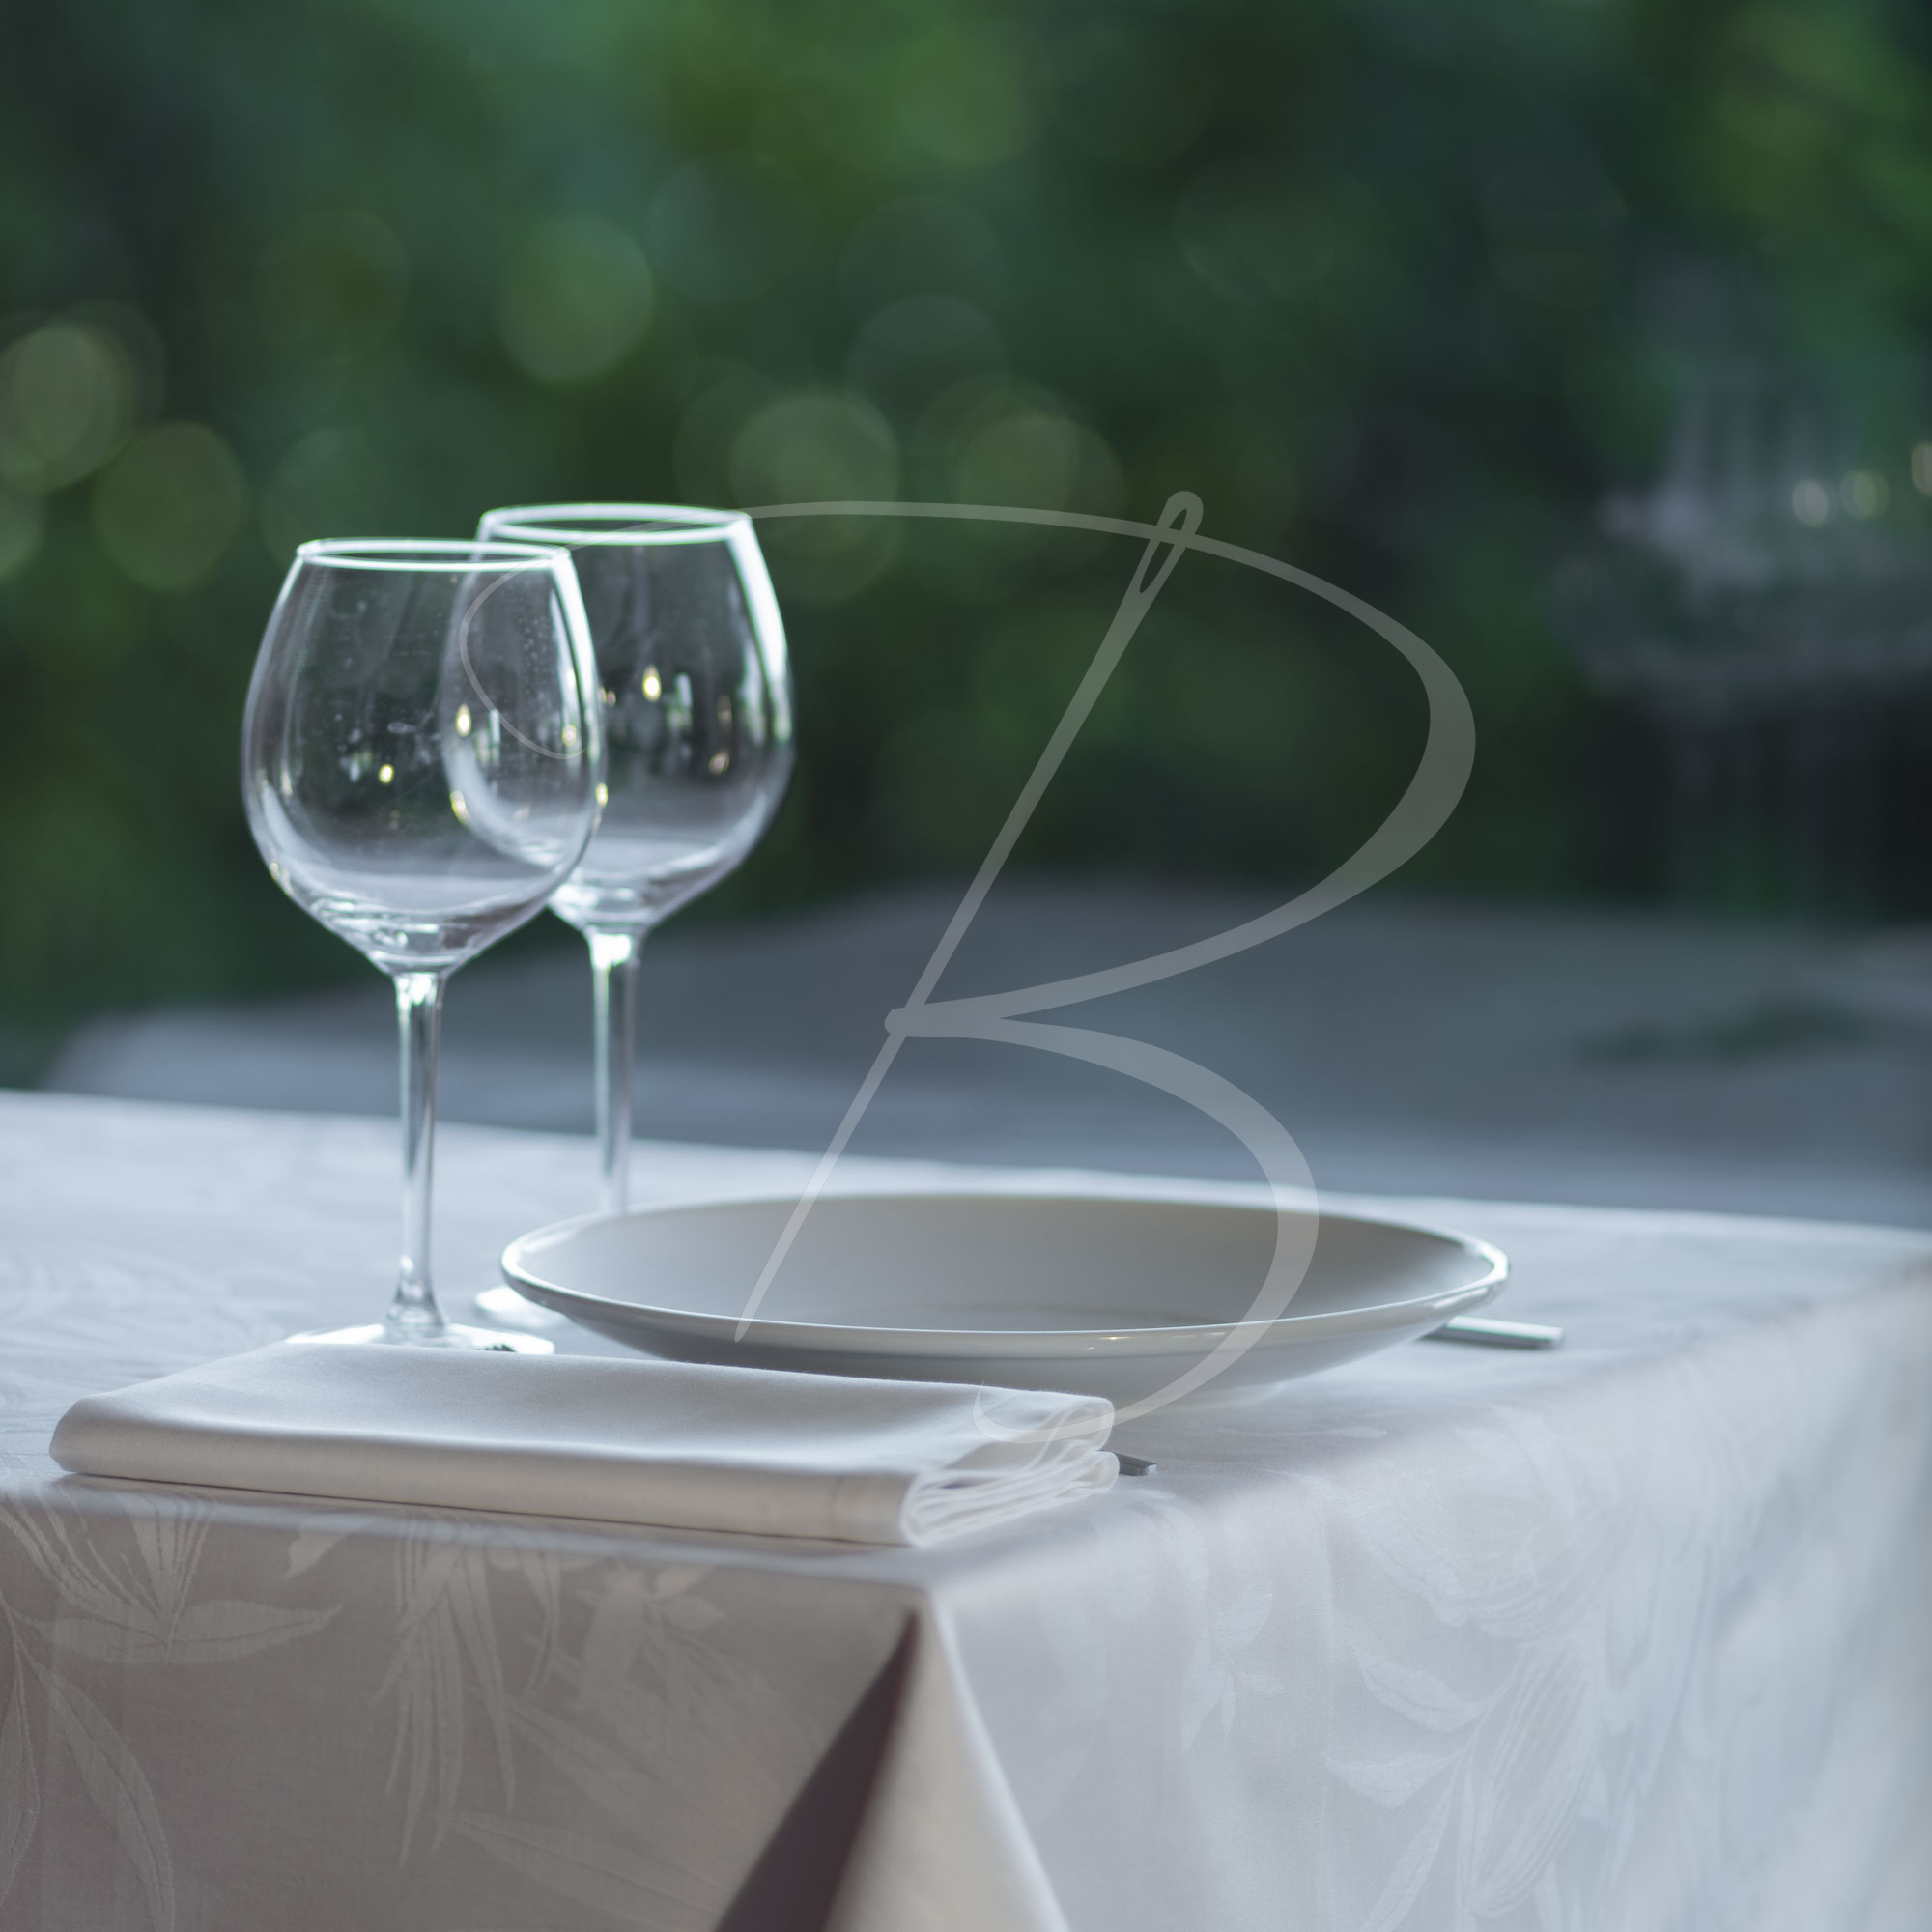 linge-table-blaye-damasse